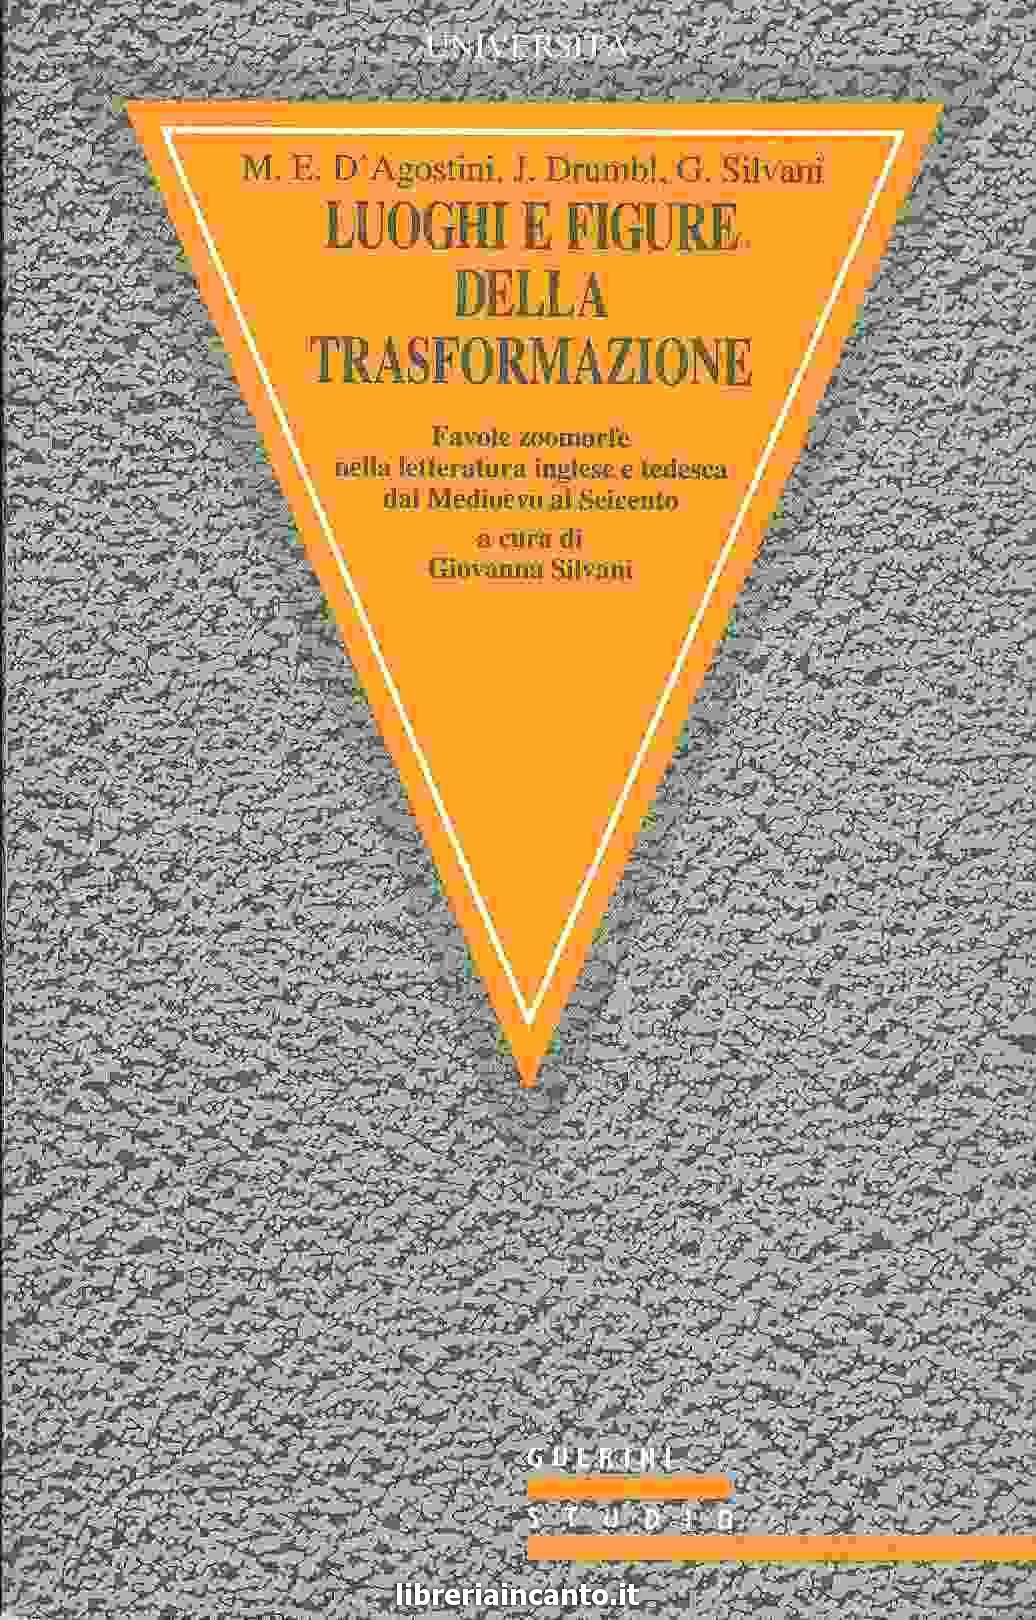 Luoghi e figure della trasformazione